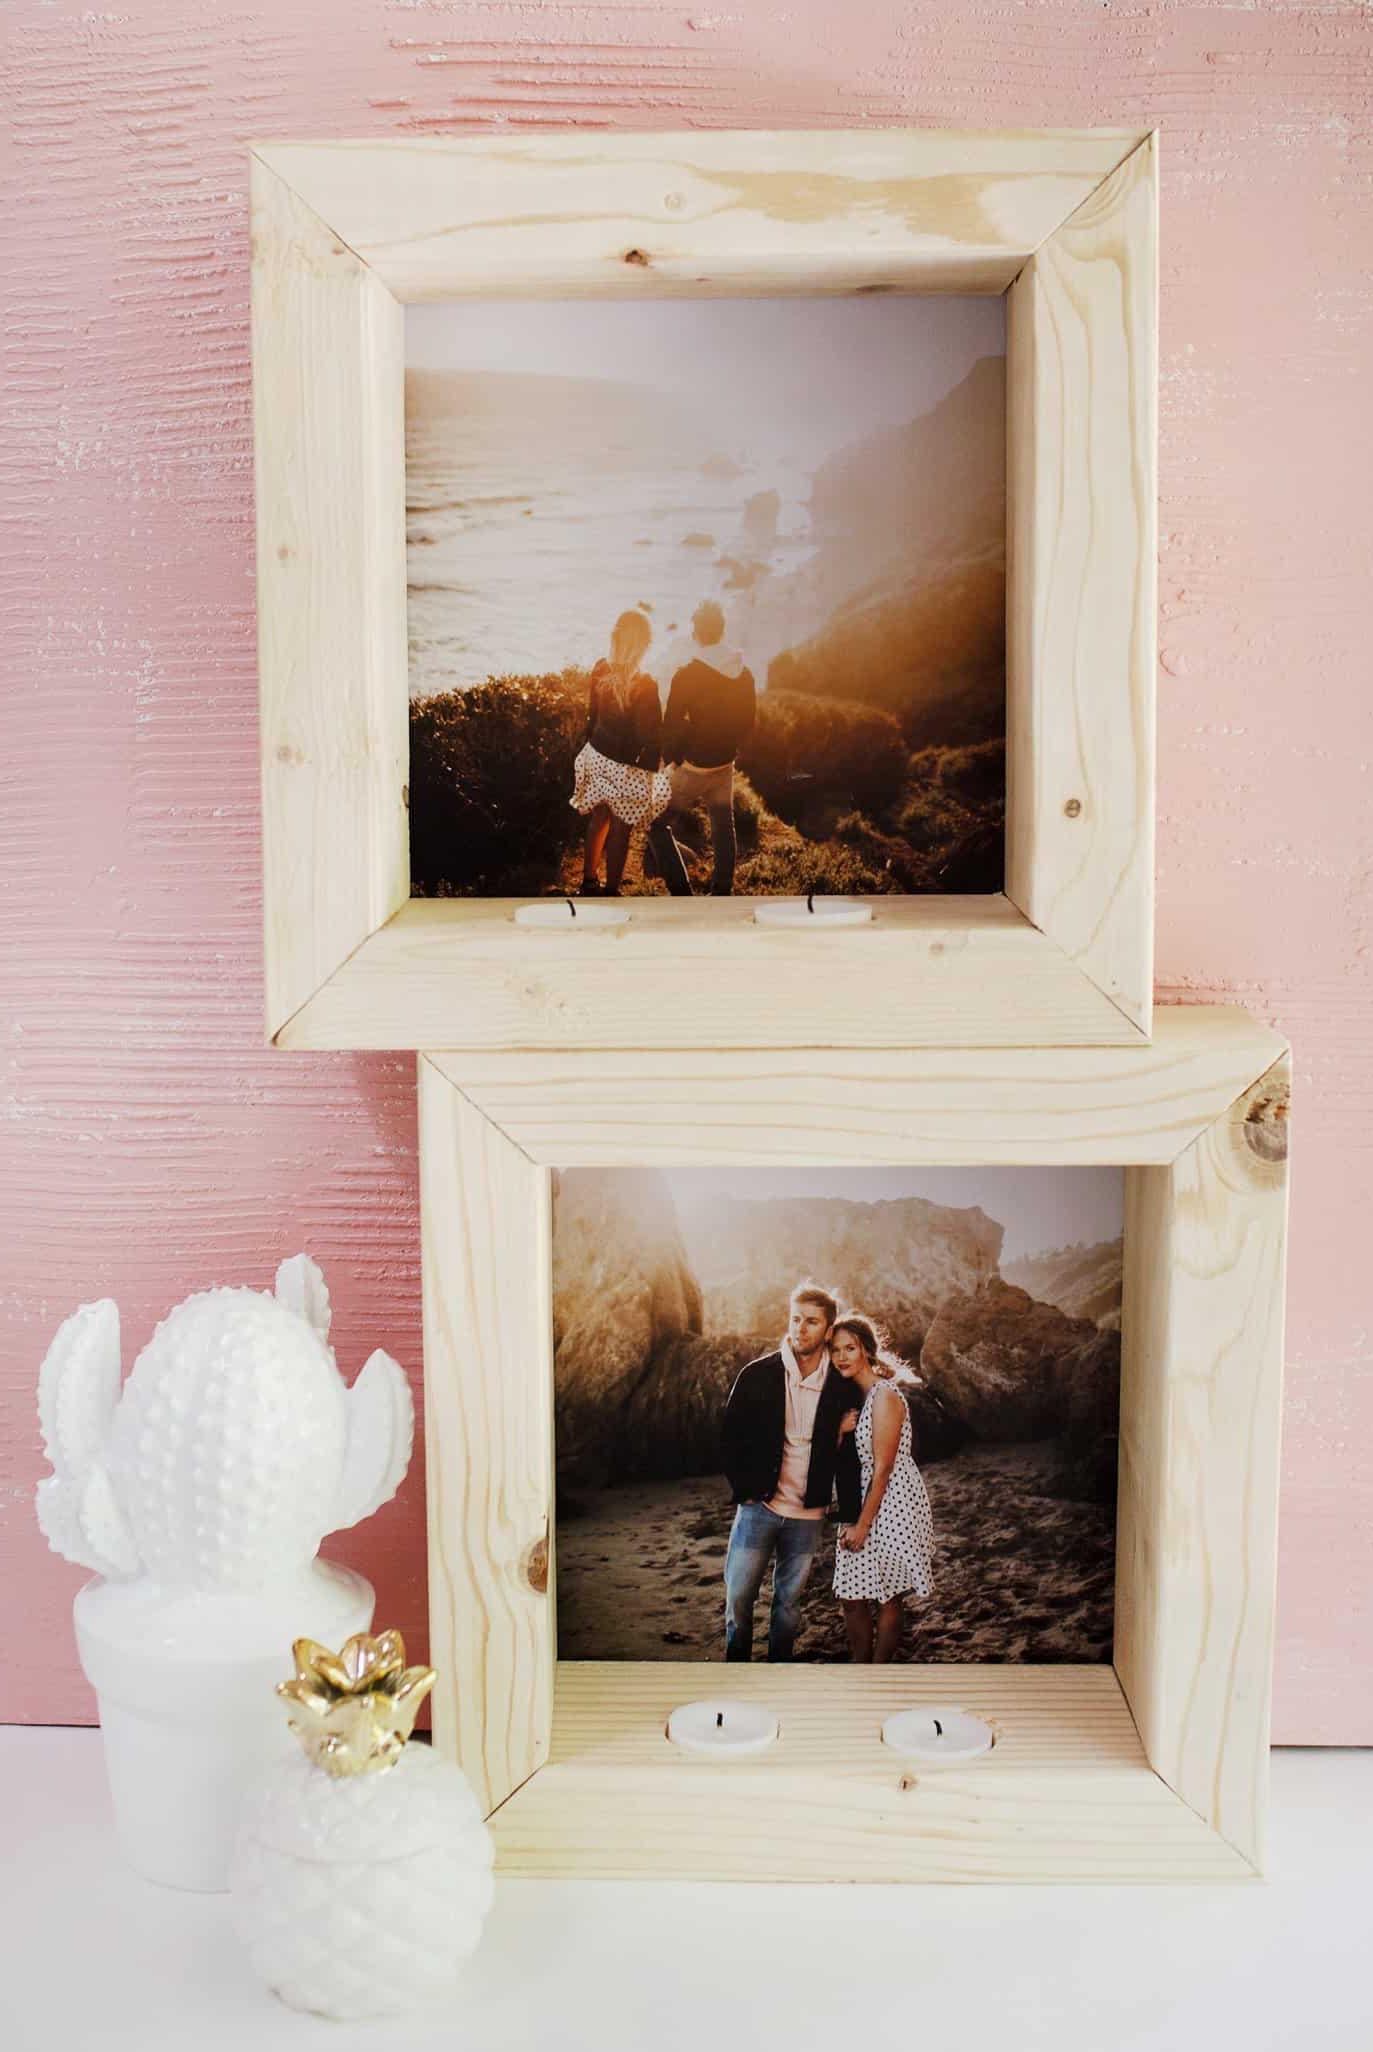 Quadro de fotos simples de madeira trazem um detalhe especial